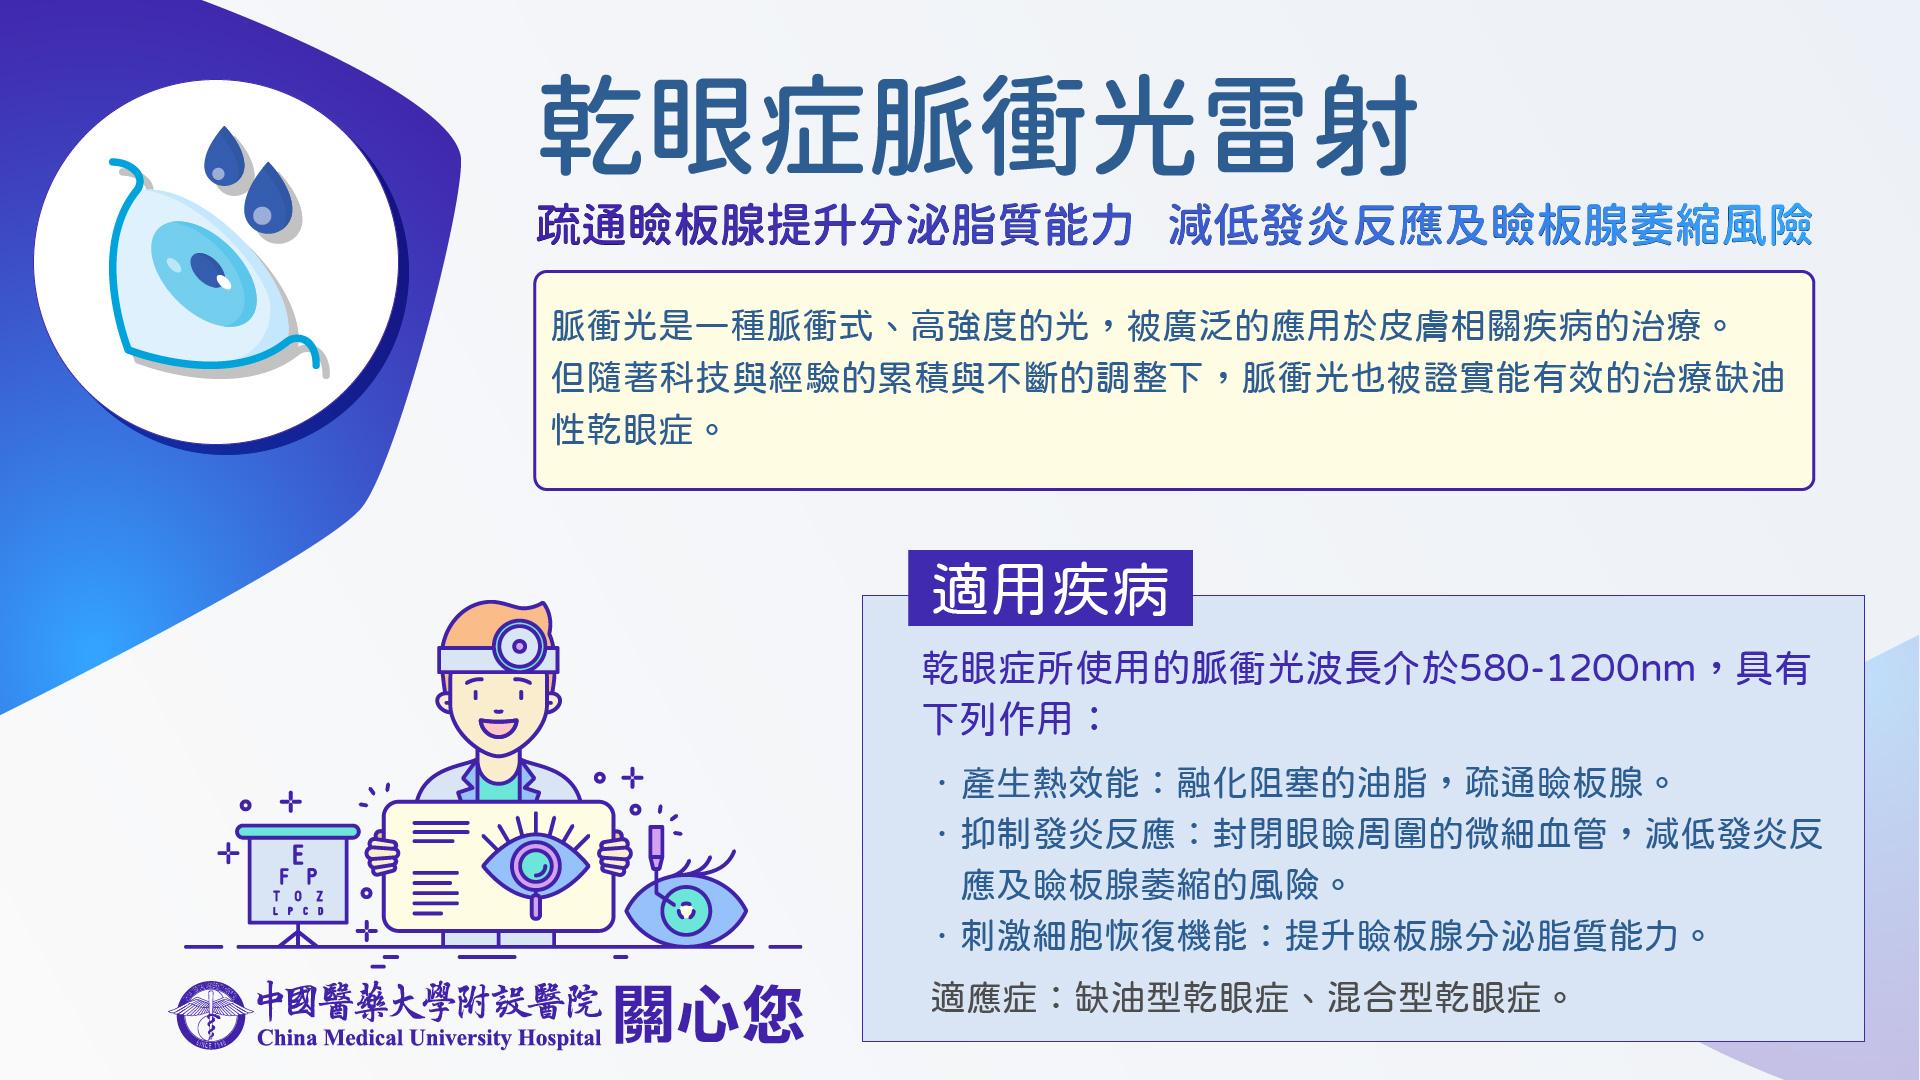 乾眼症脈衝光雷射手術介紹